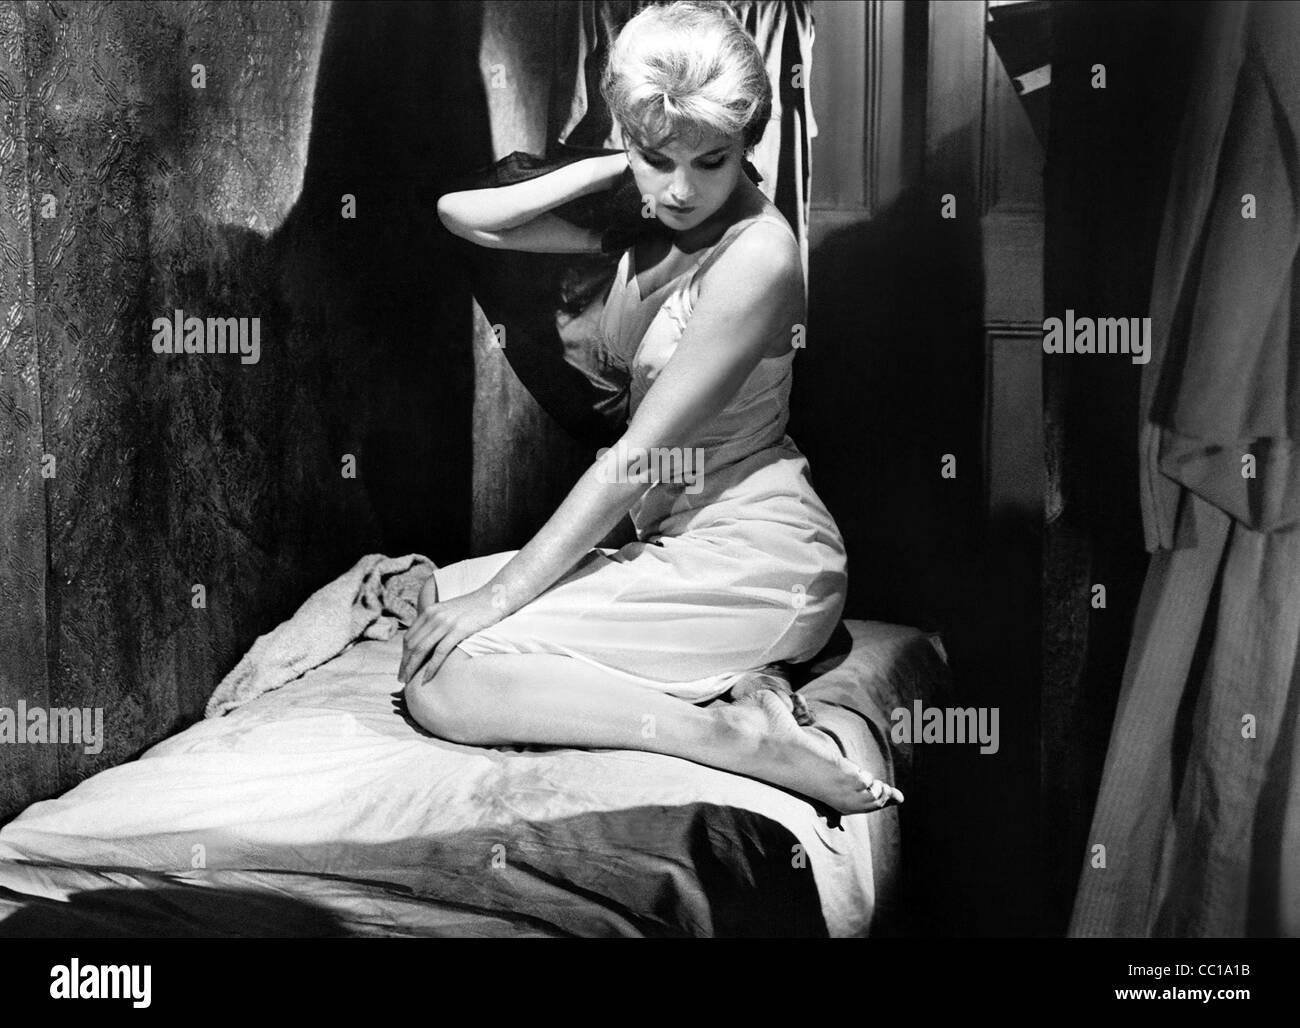 CARROLL BAKER SOMETHING WILD (1961) - Stock Image